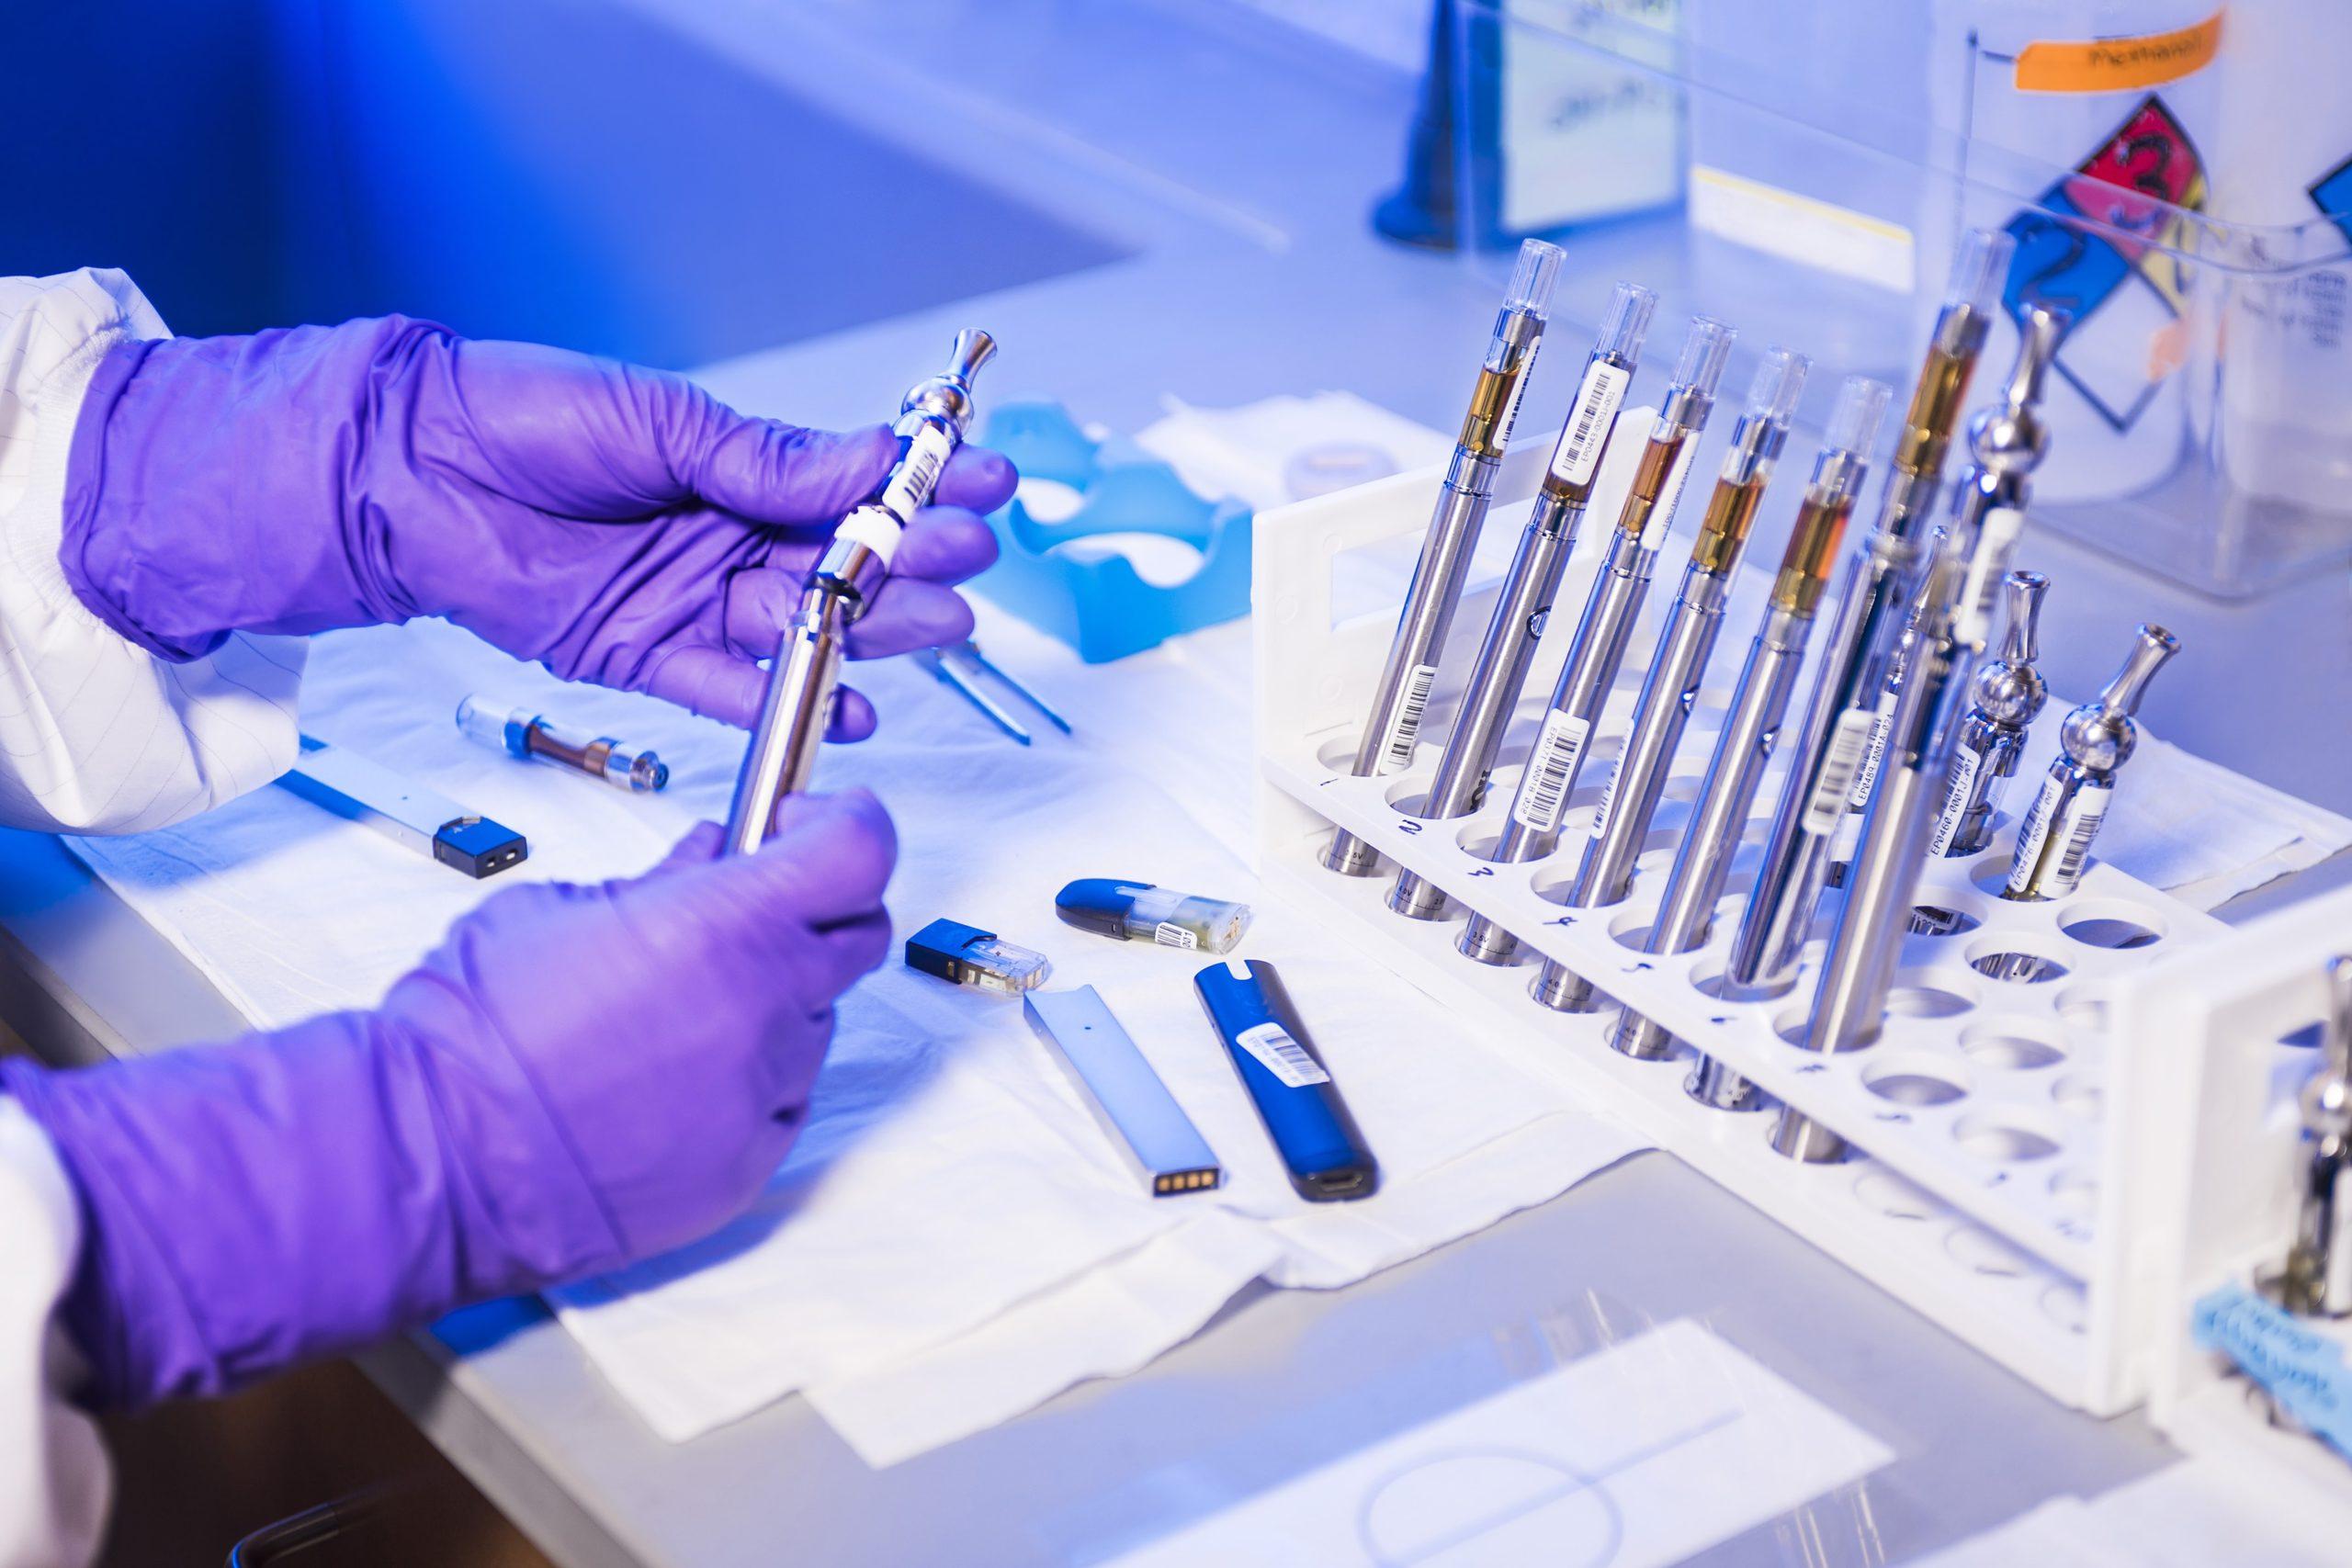 Vírus chinês: estudo revela que cientistas chineses criaram a Covid-19